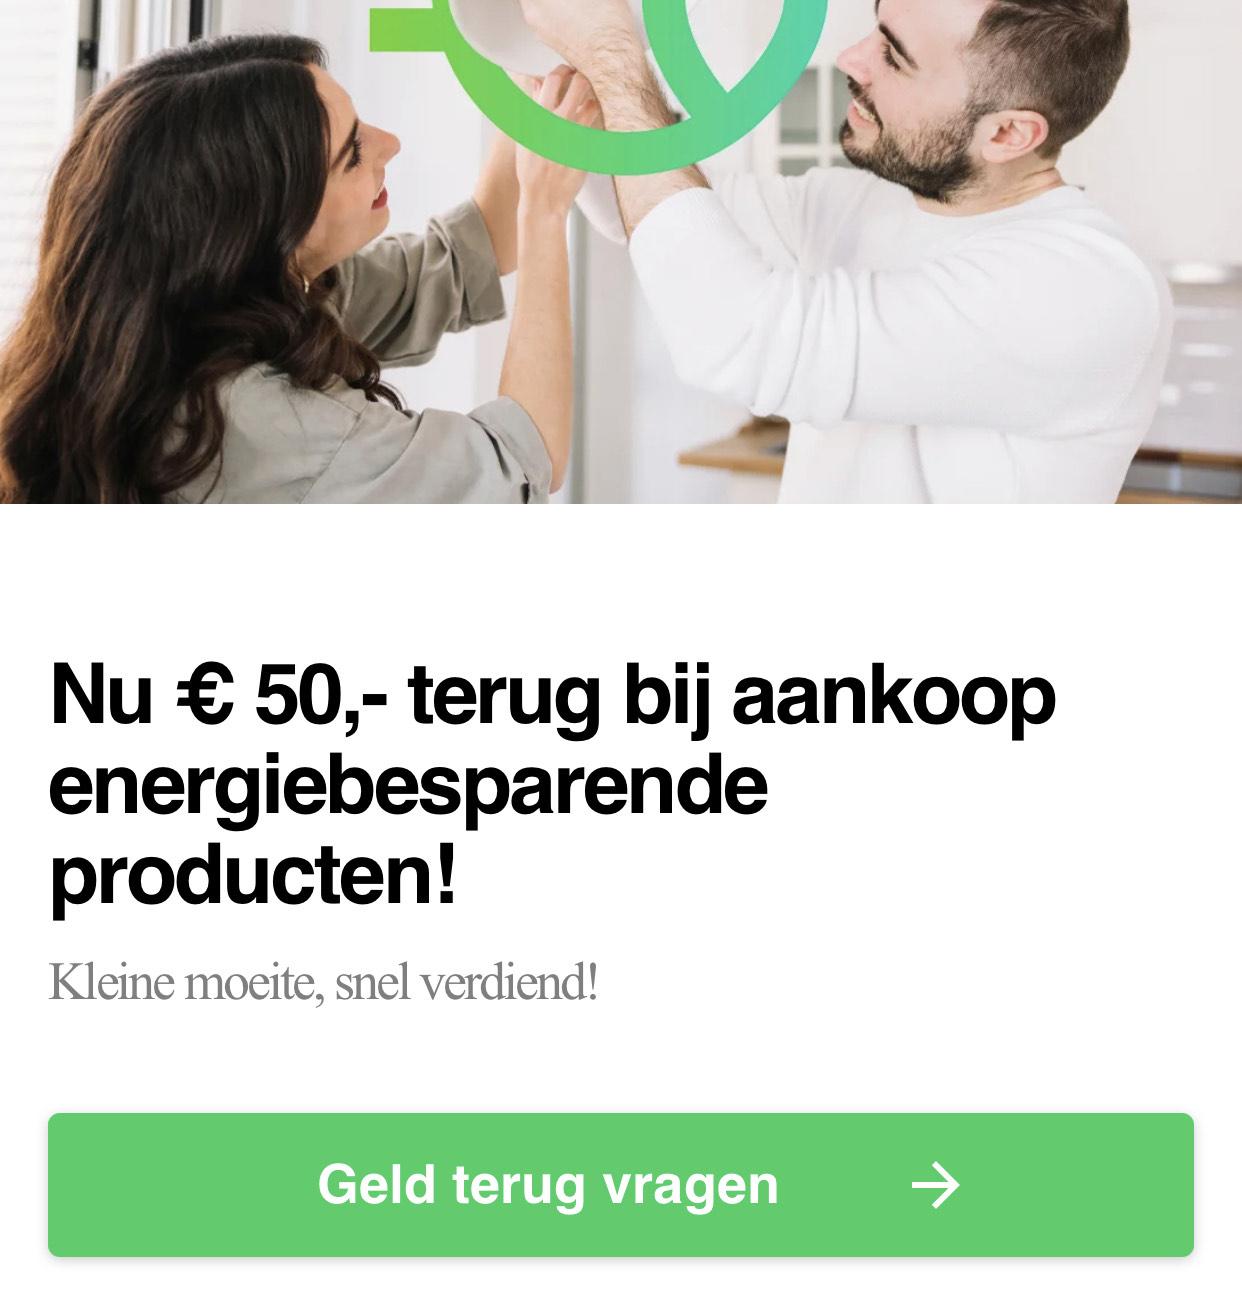 [Lokaal/Twente] € 50,- terug bij aankoop energiebesparende producten! O.a Philips Hue